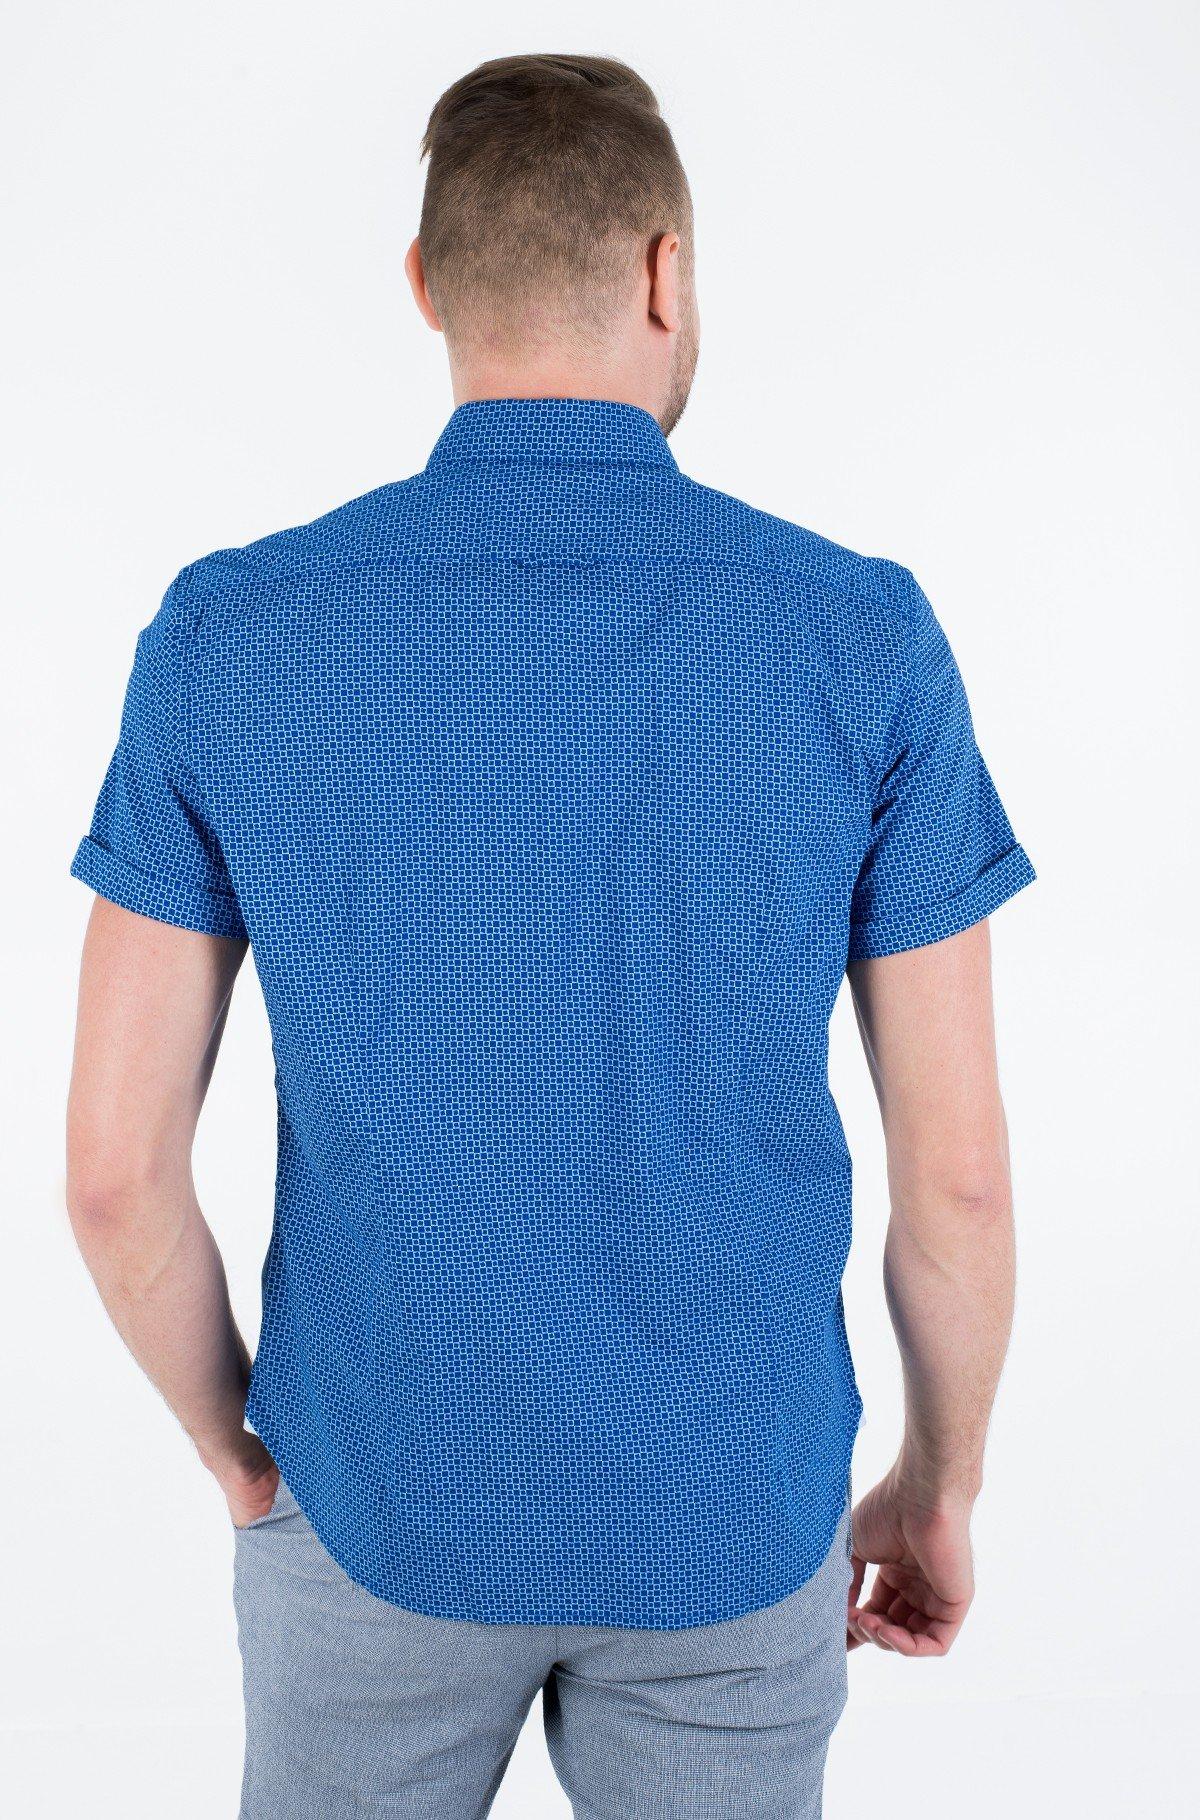 Marškiniai su trumpomis rankovėmis 023 7201 41002-full-2